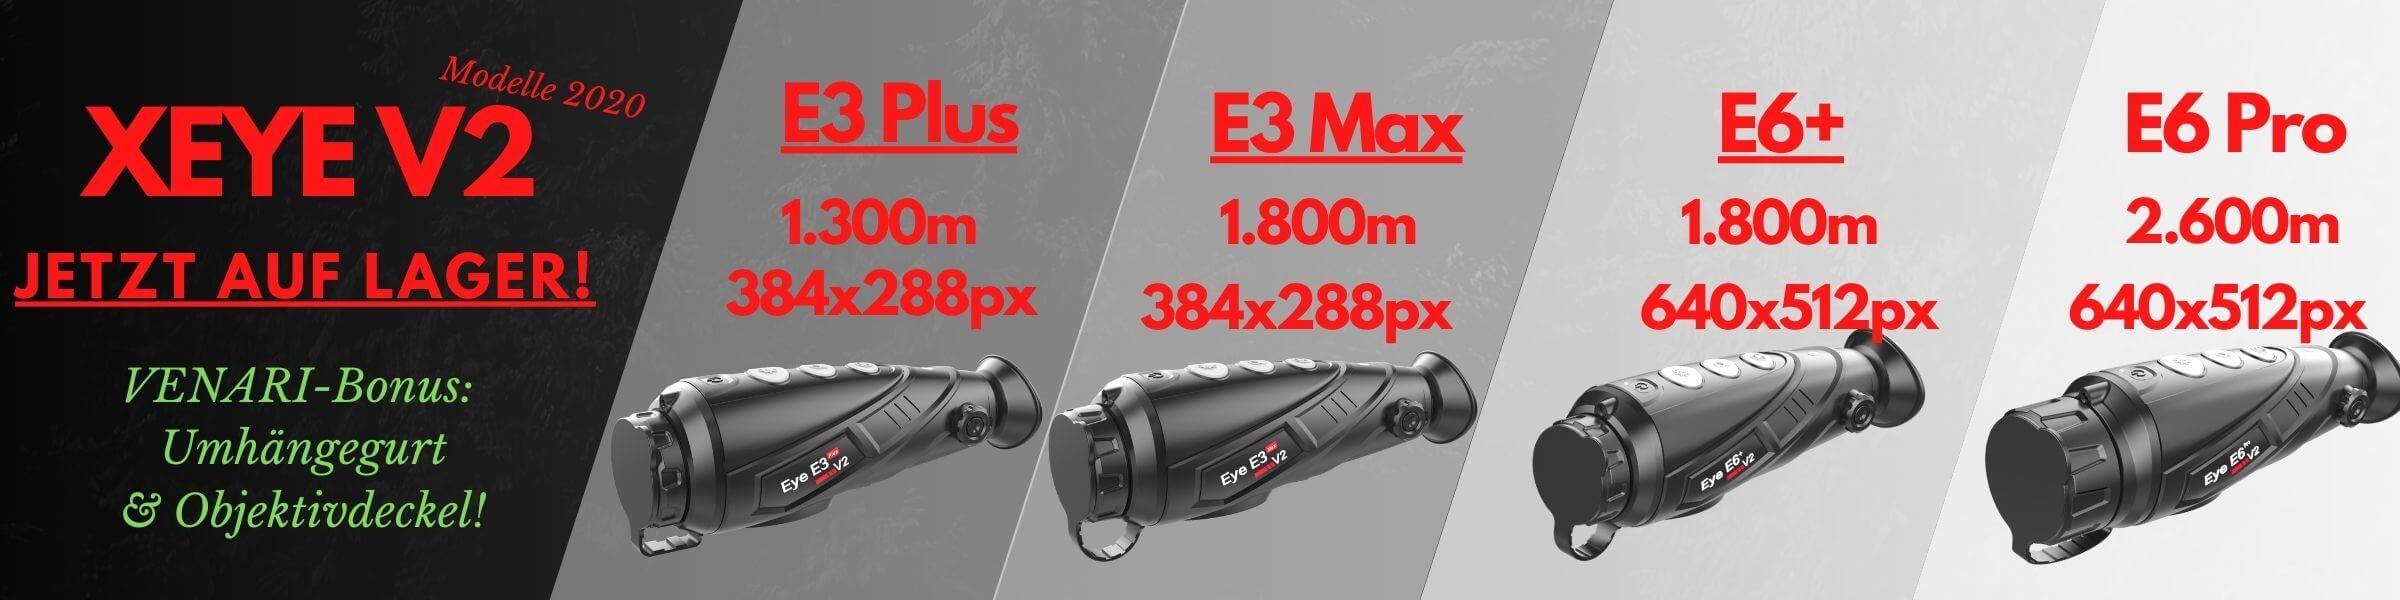 Xeye E3 Max, E6 Plus V2 Angebote